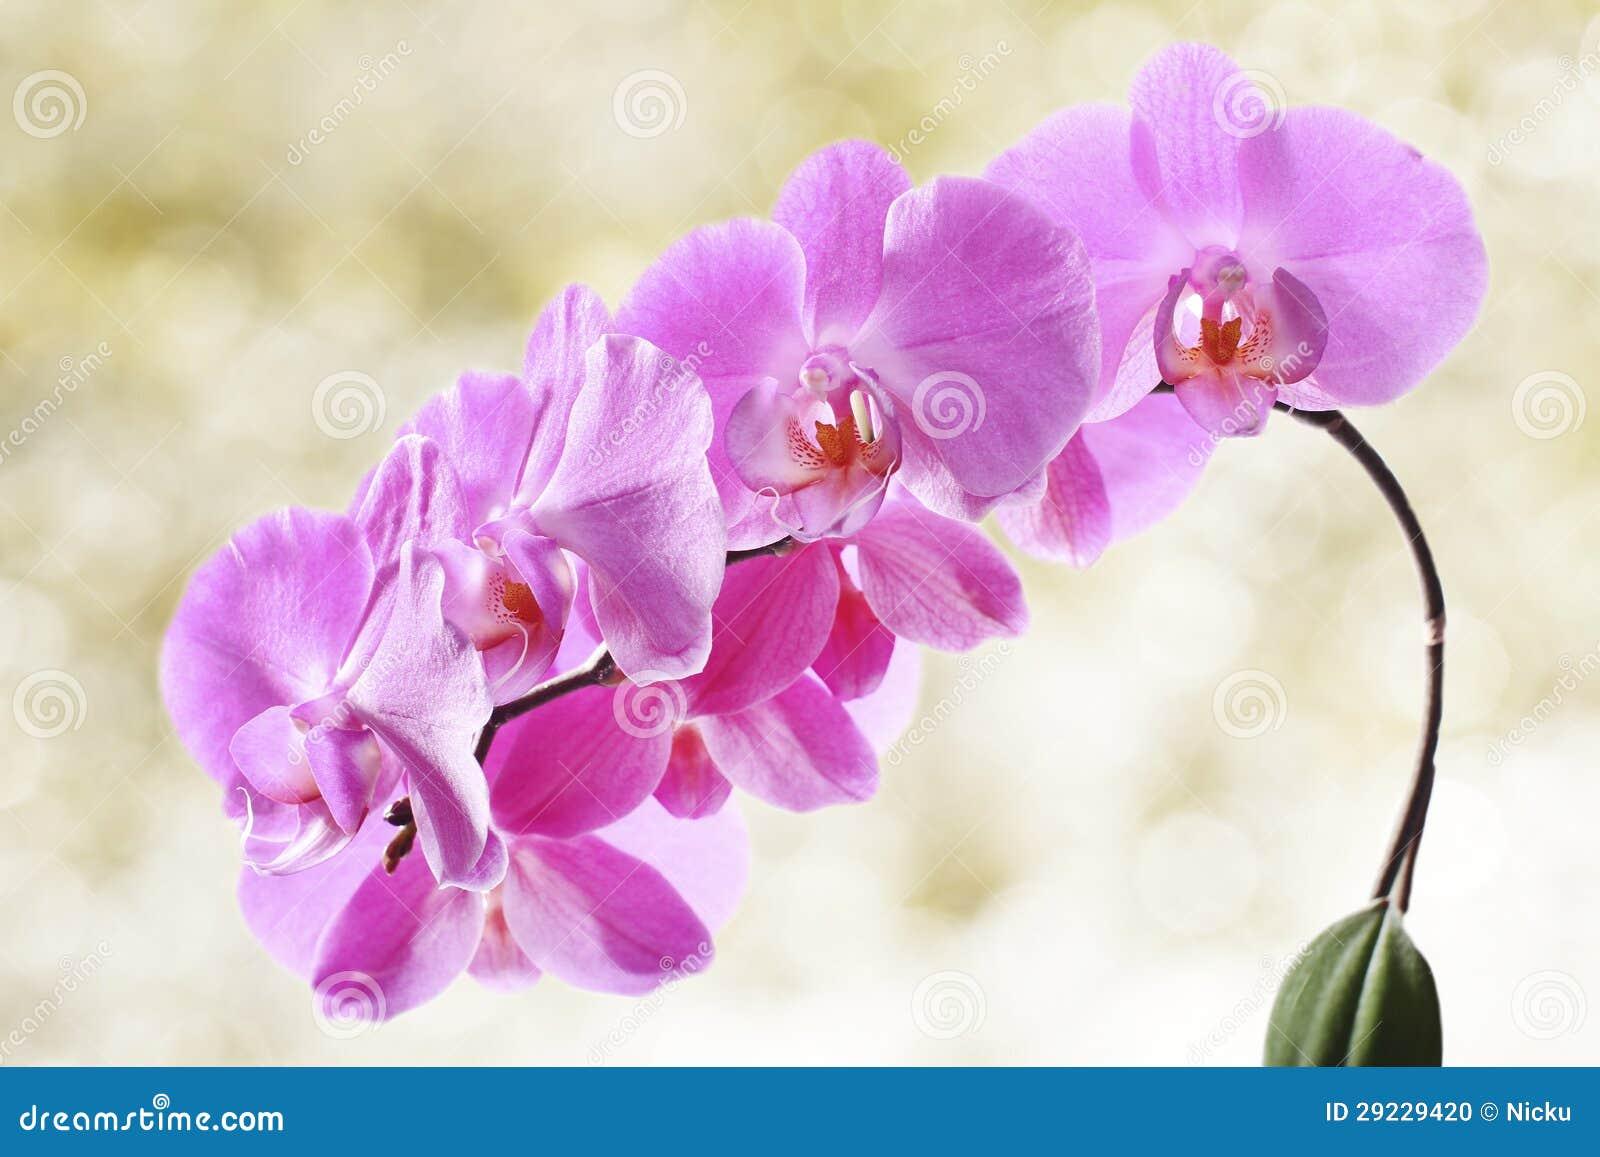 Download Flores bonitas da orquídea foto de stock. Imagem de decoração - 29229420